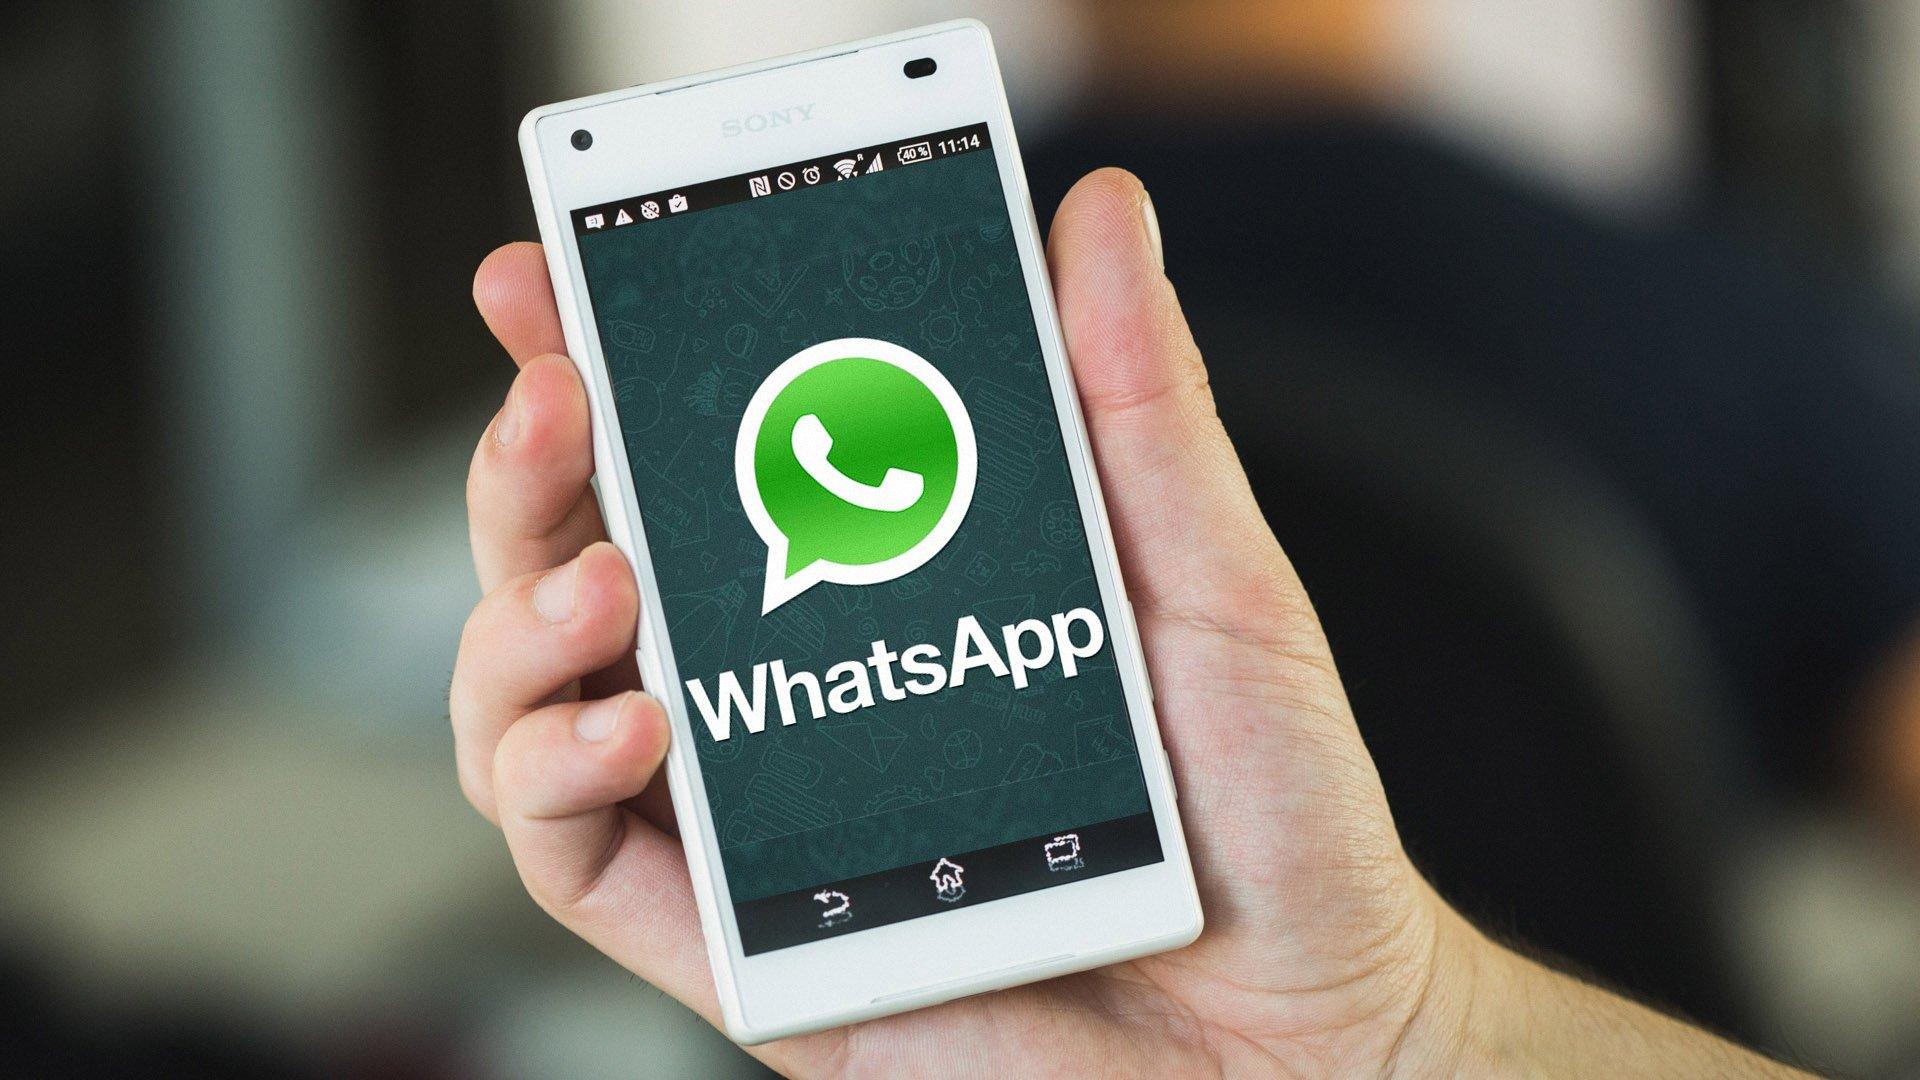 WhatsApp si aggiorna: ora è possibile videochiamare i contatti